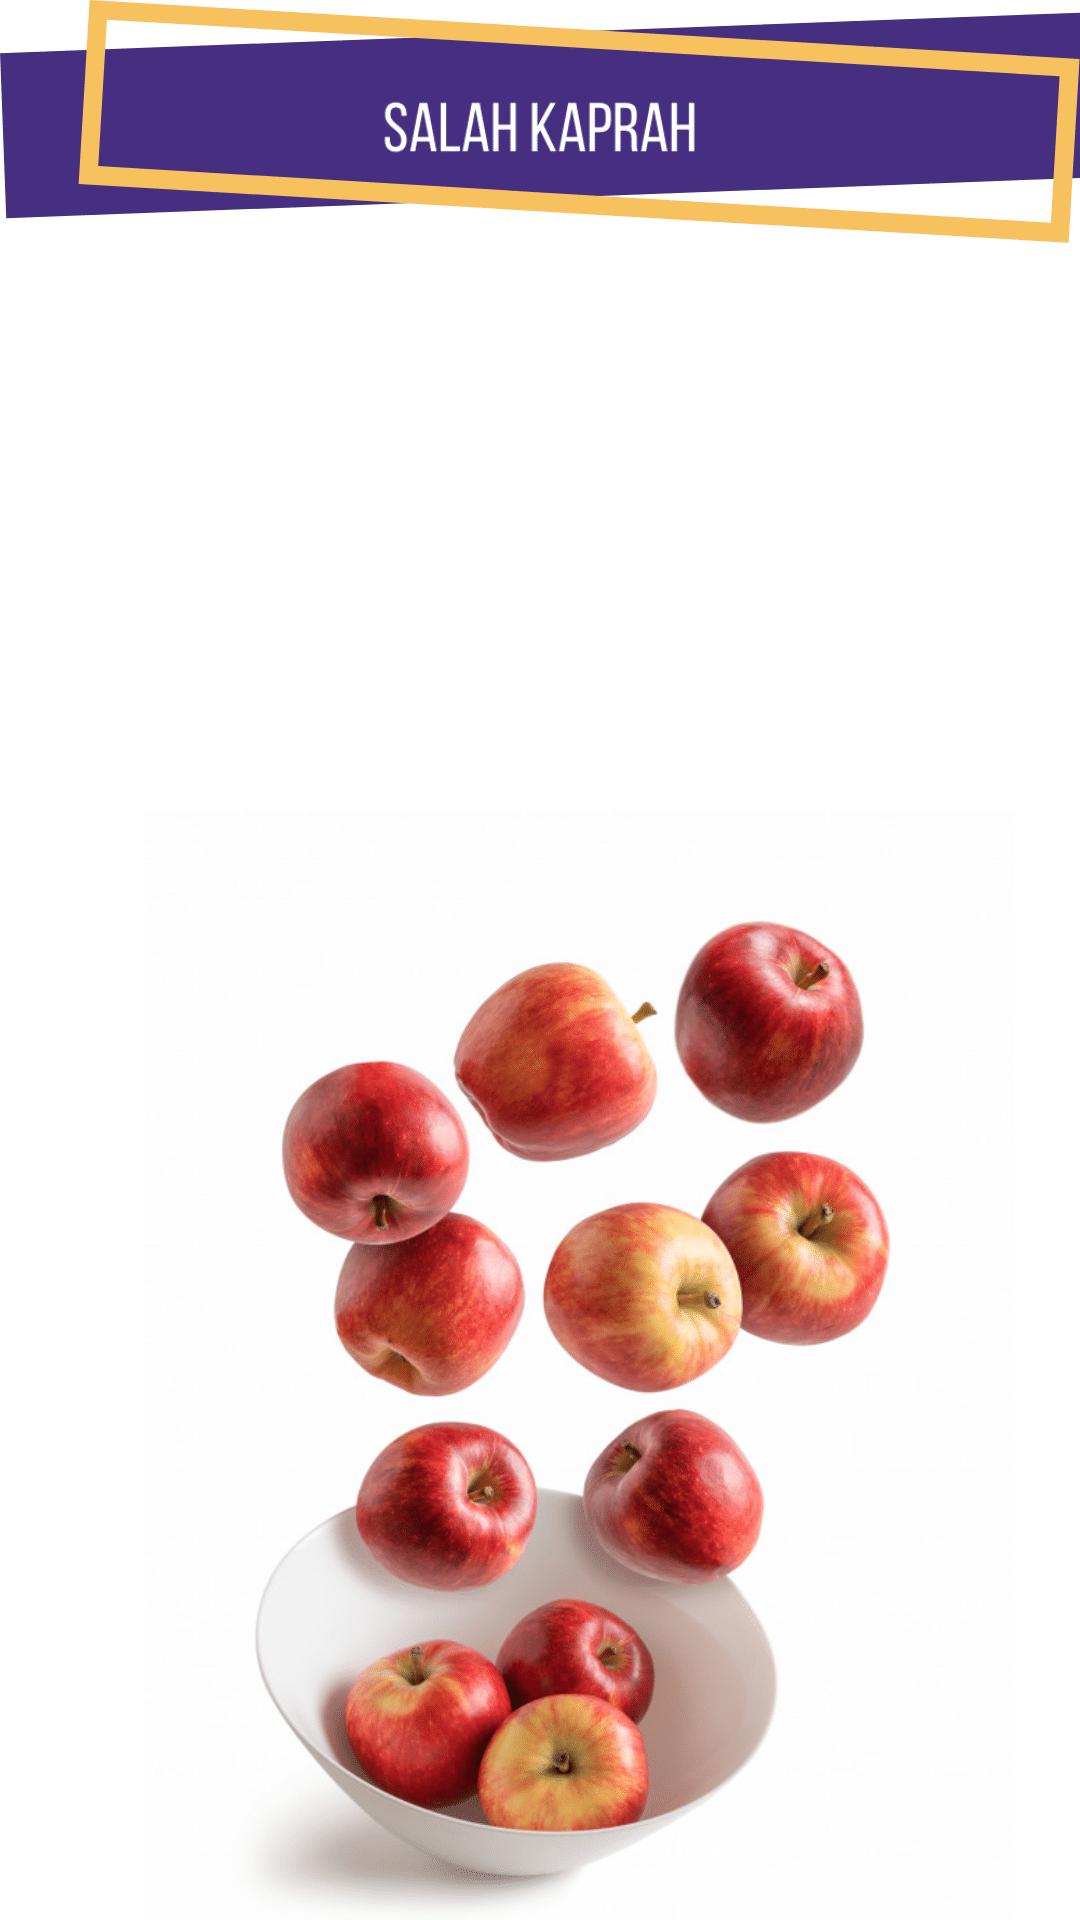 Apel Mengandung Lapisan Lilin Berbahaya? Masih Boleh Dikonsumsi?